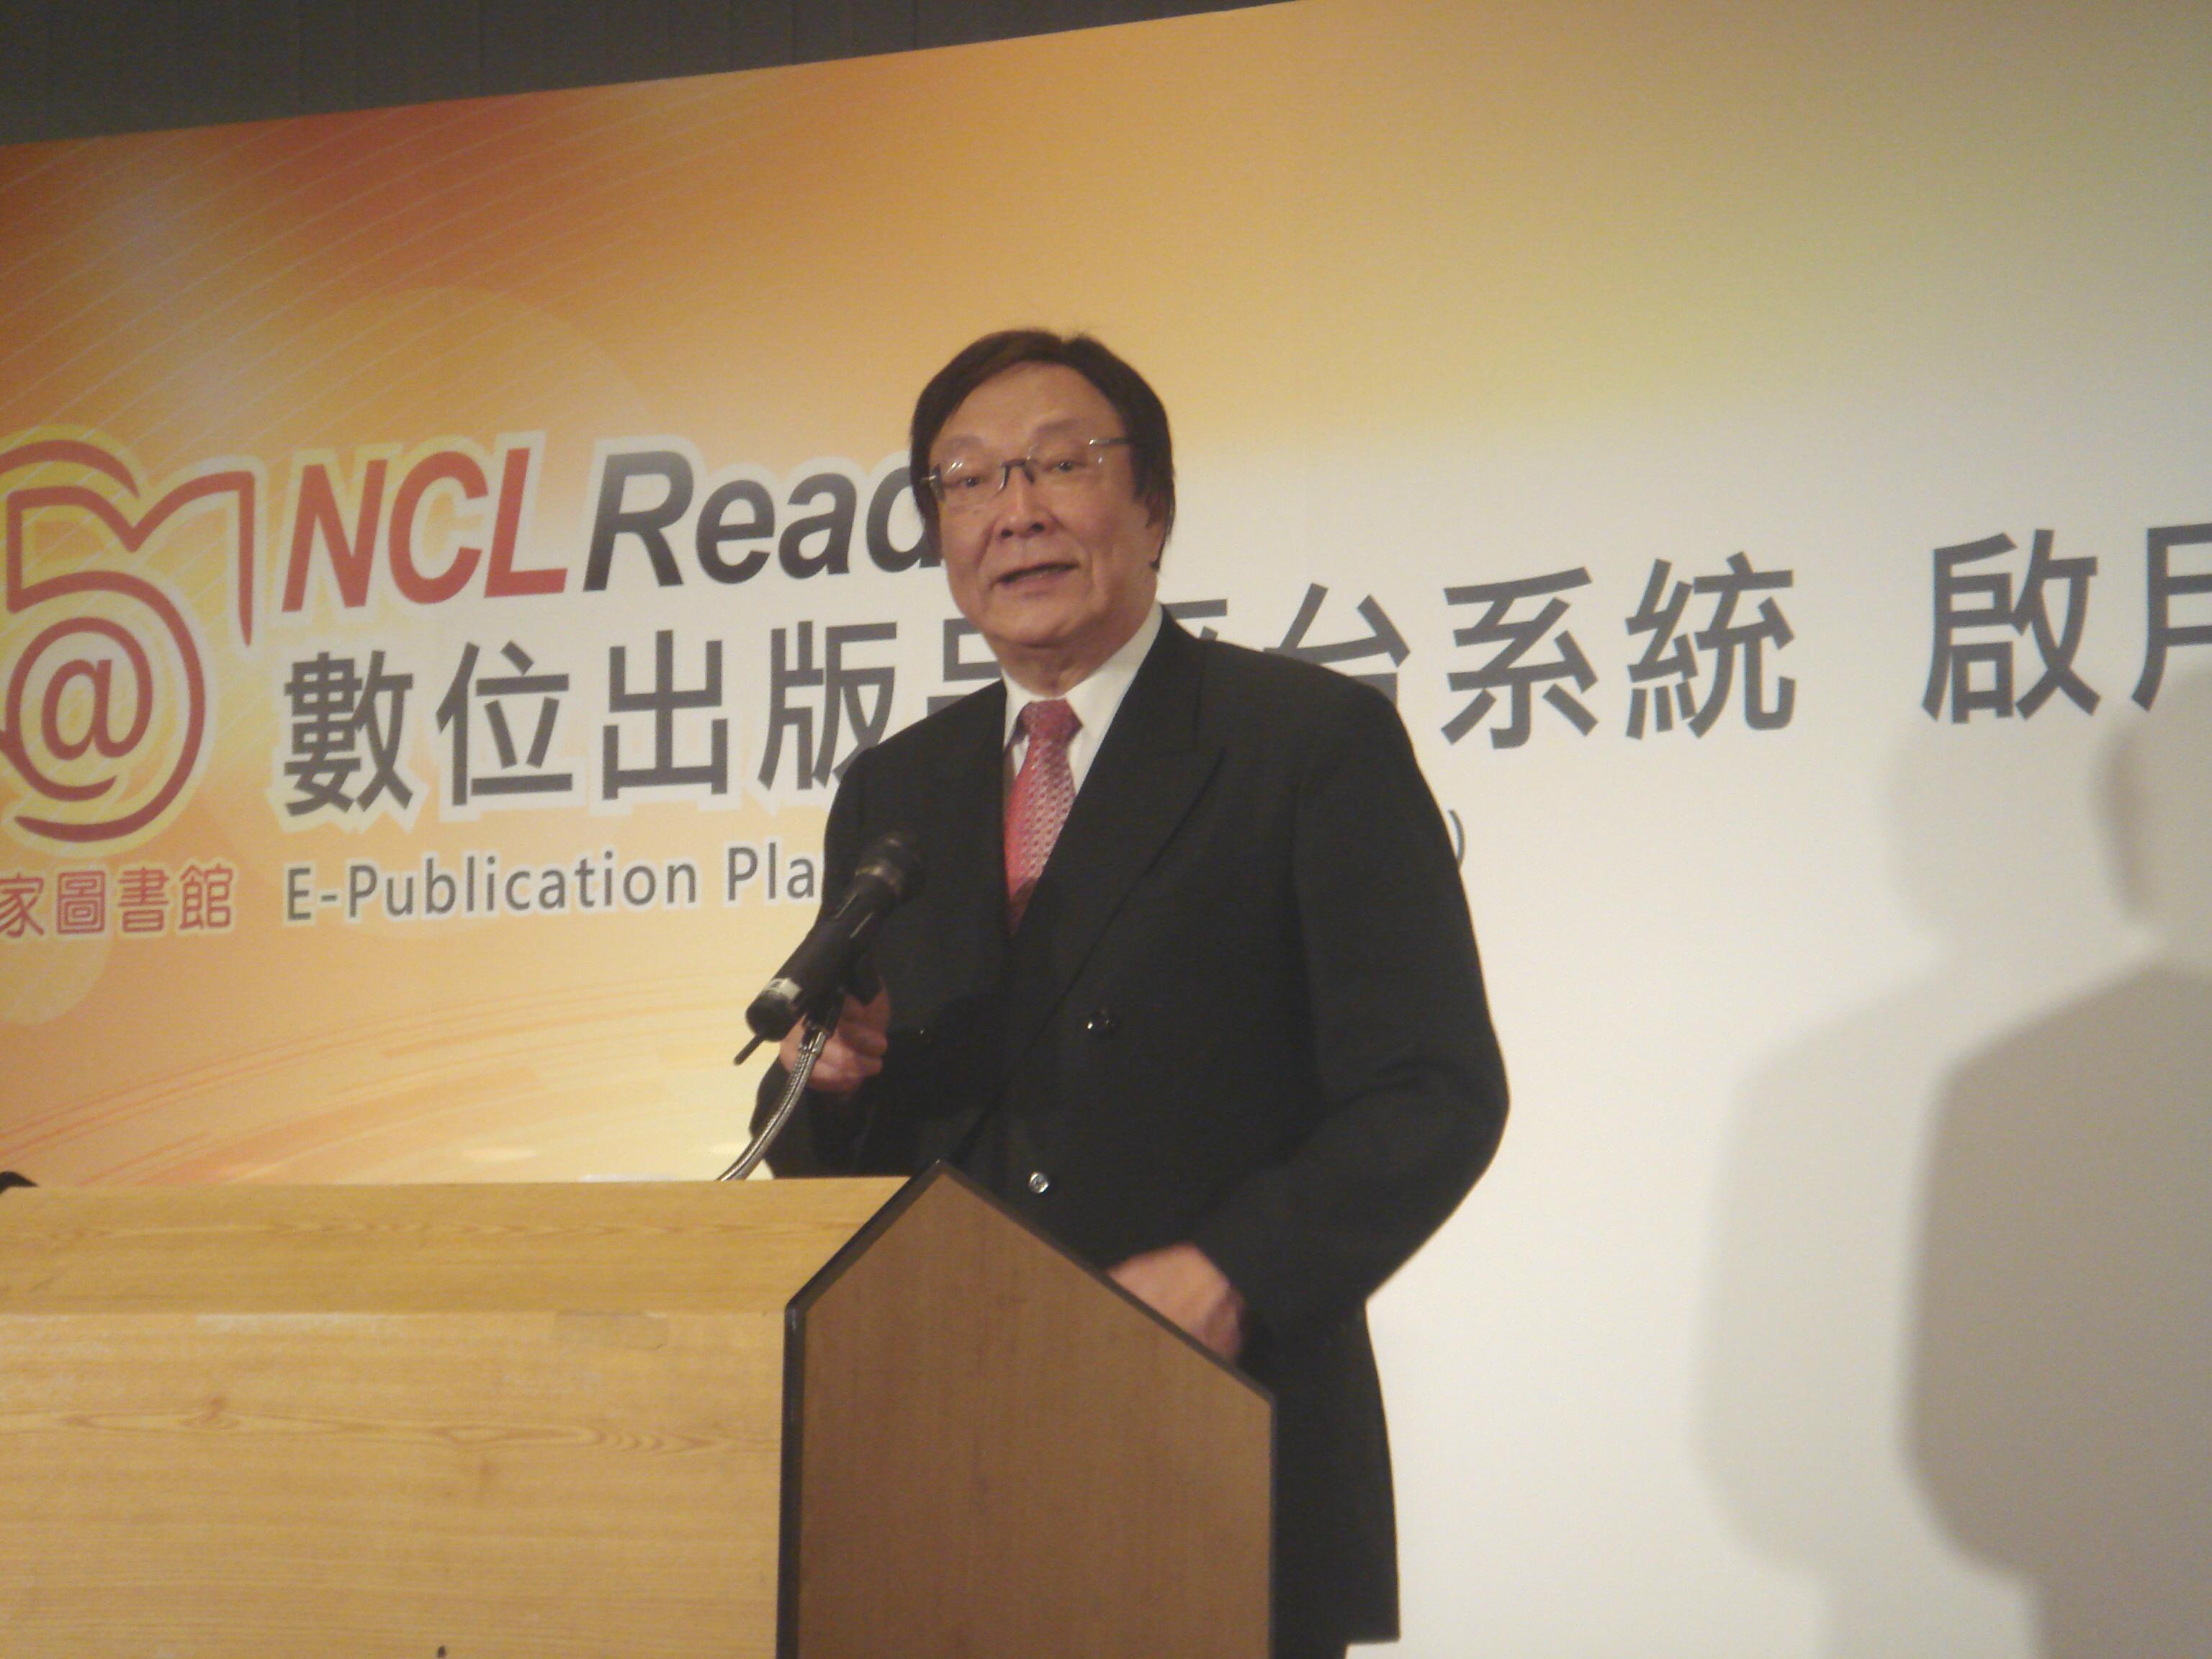 數位出版品平台系統啟動典禮23日國家圖書館舉行。